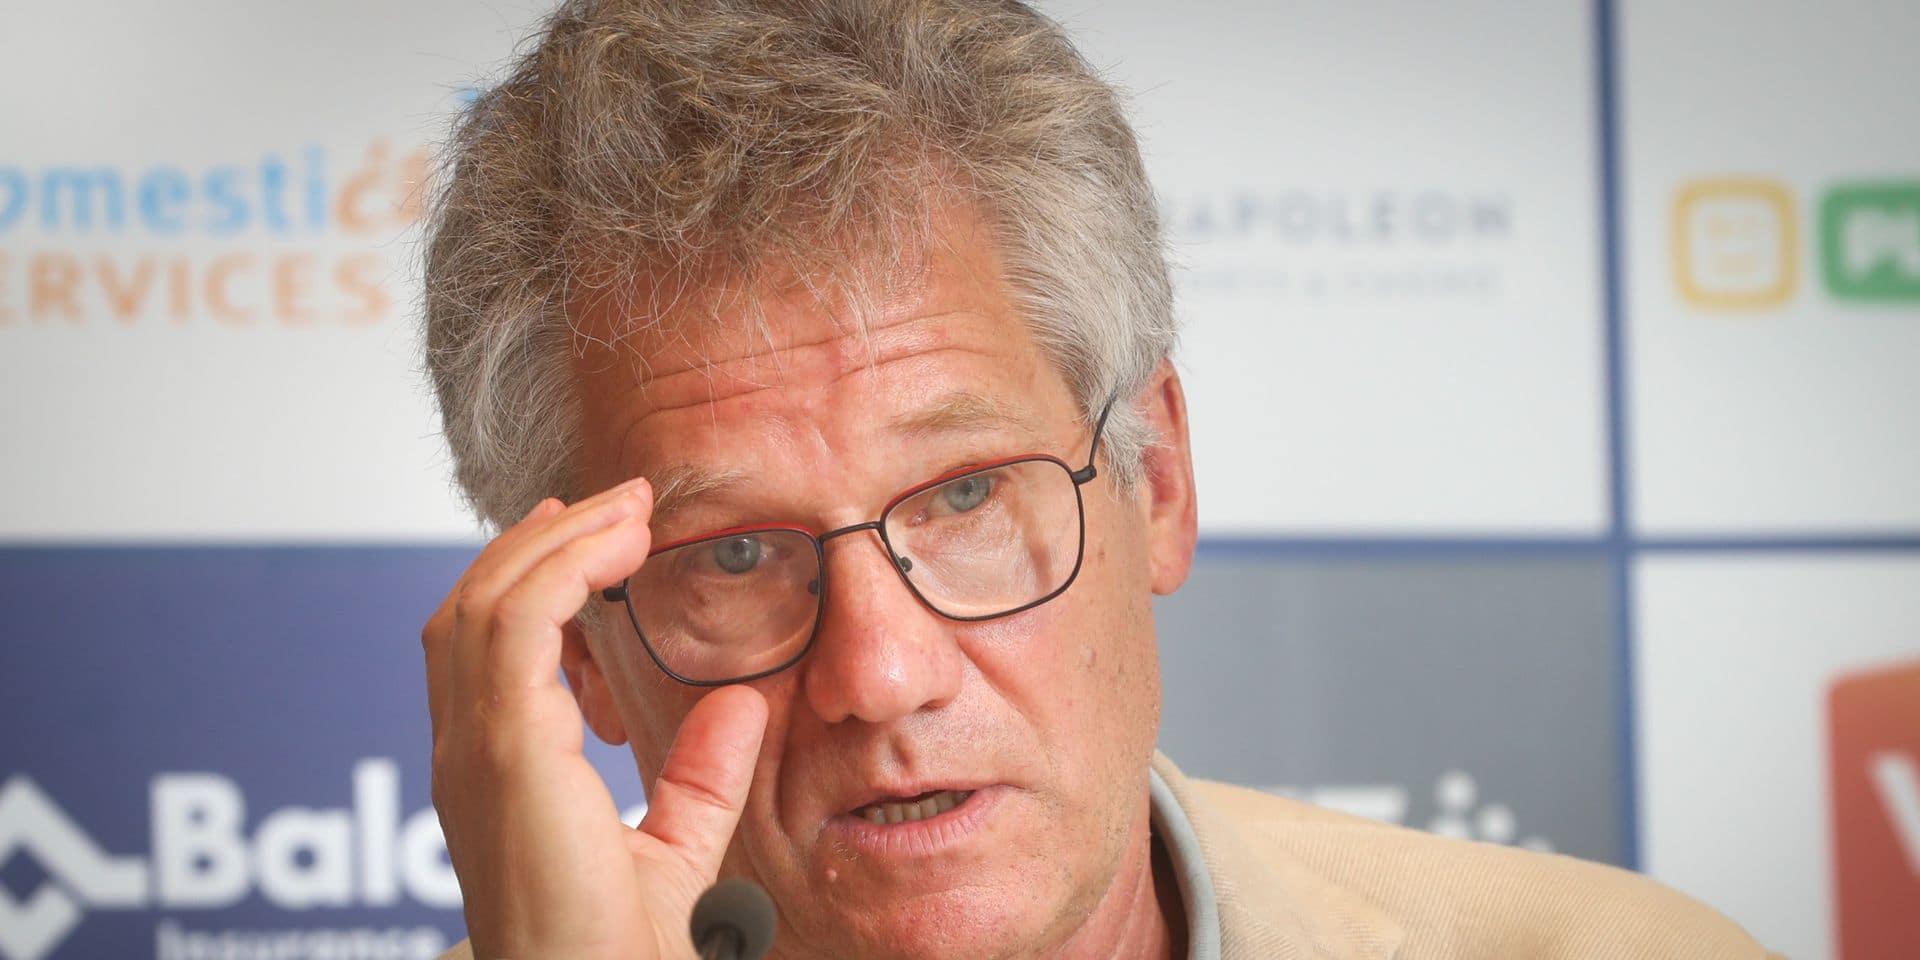 Laszlo Bölöni bientôt en route pour Seraing?